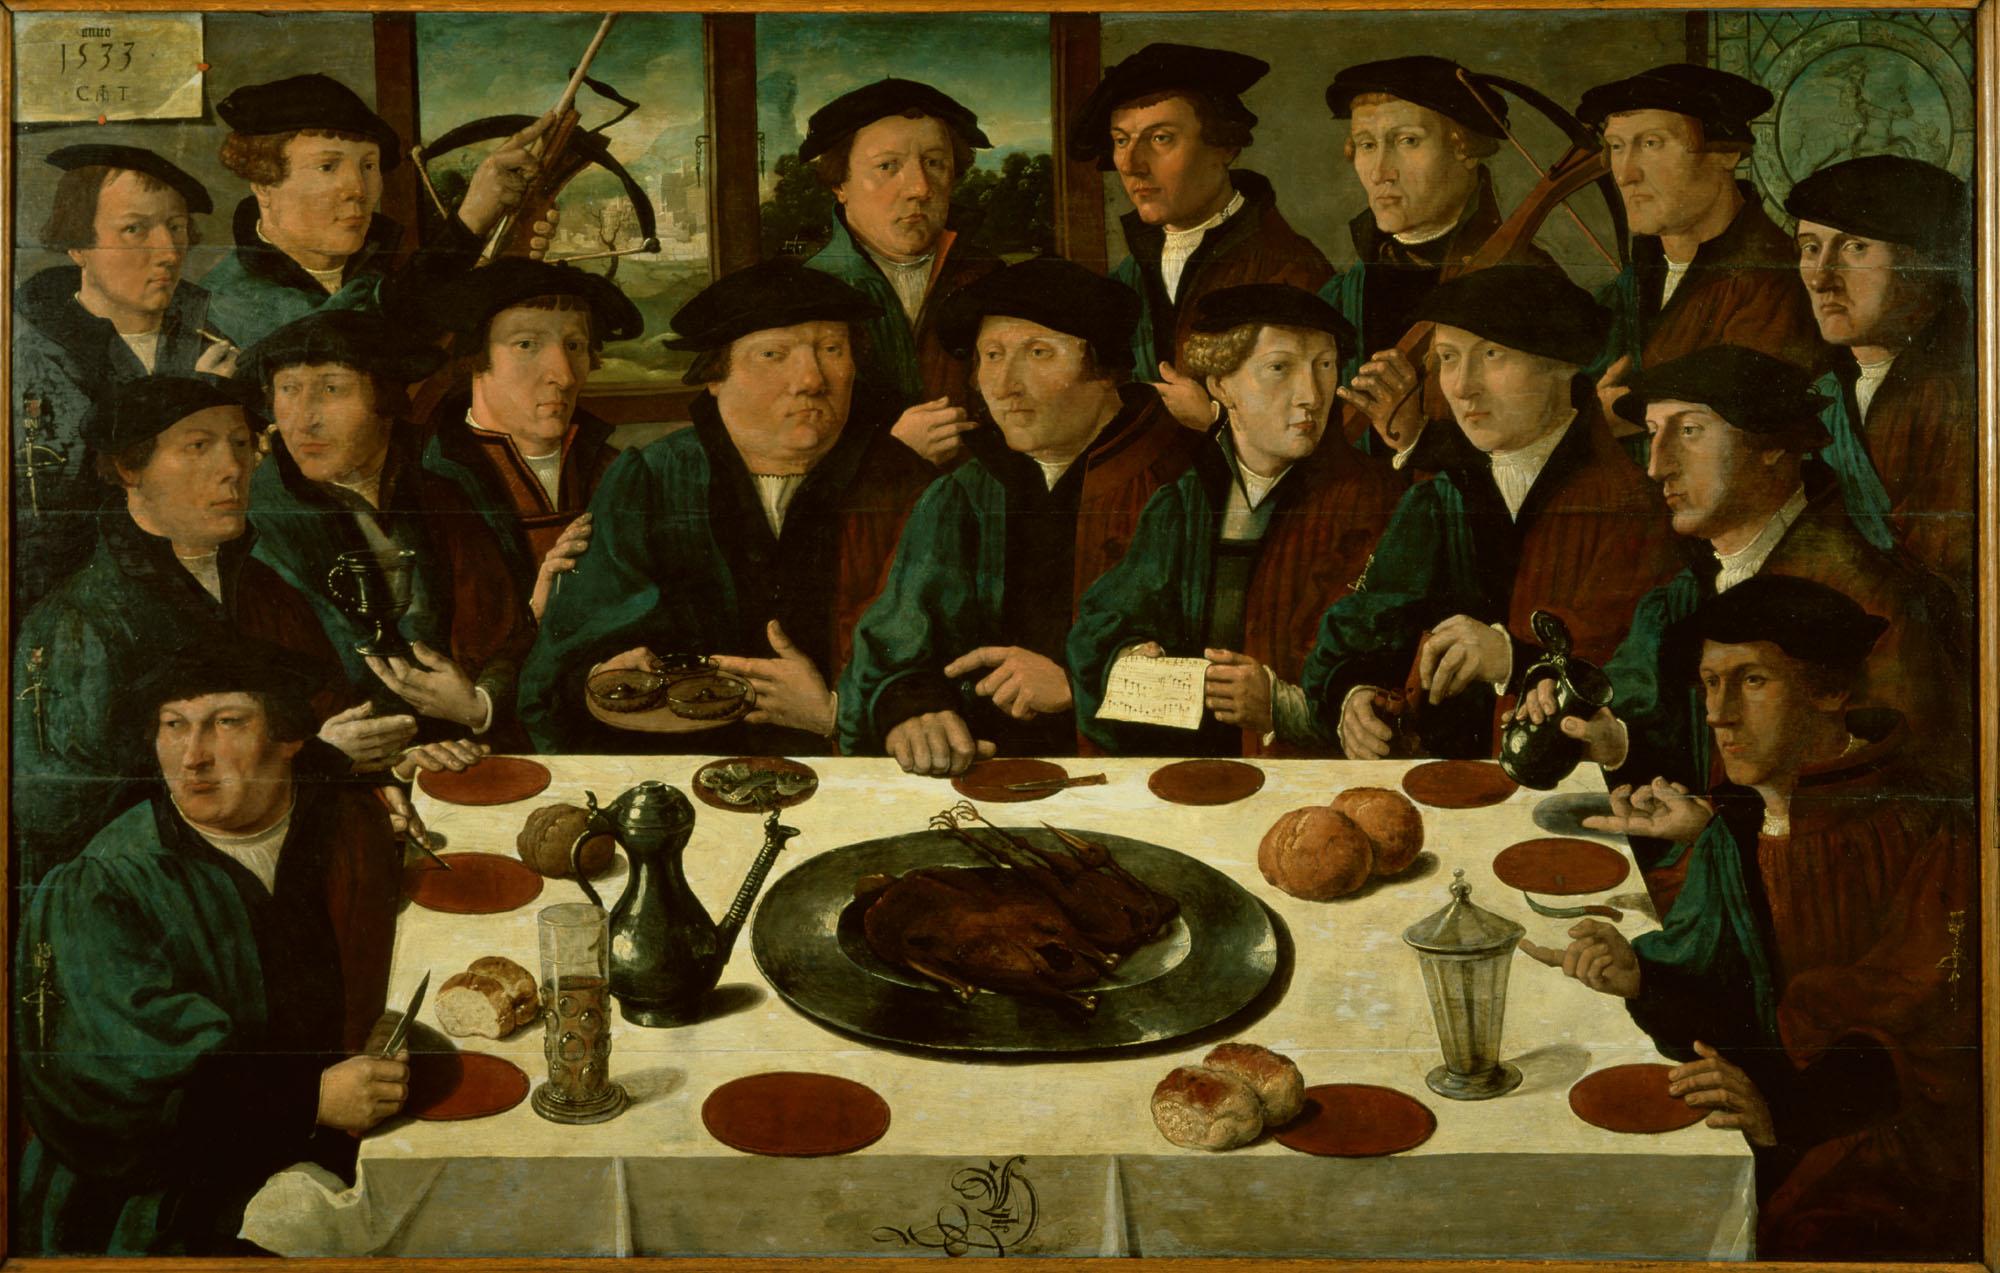 Maaltijd van zeventien schutters van de voetboog st joris doelen te amsterdam 1533 bekend - Eiland maaltijd ...